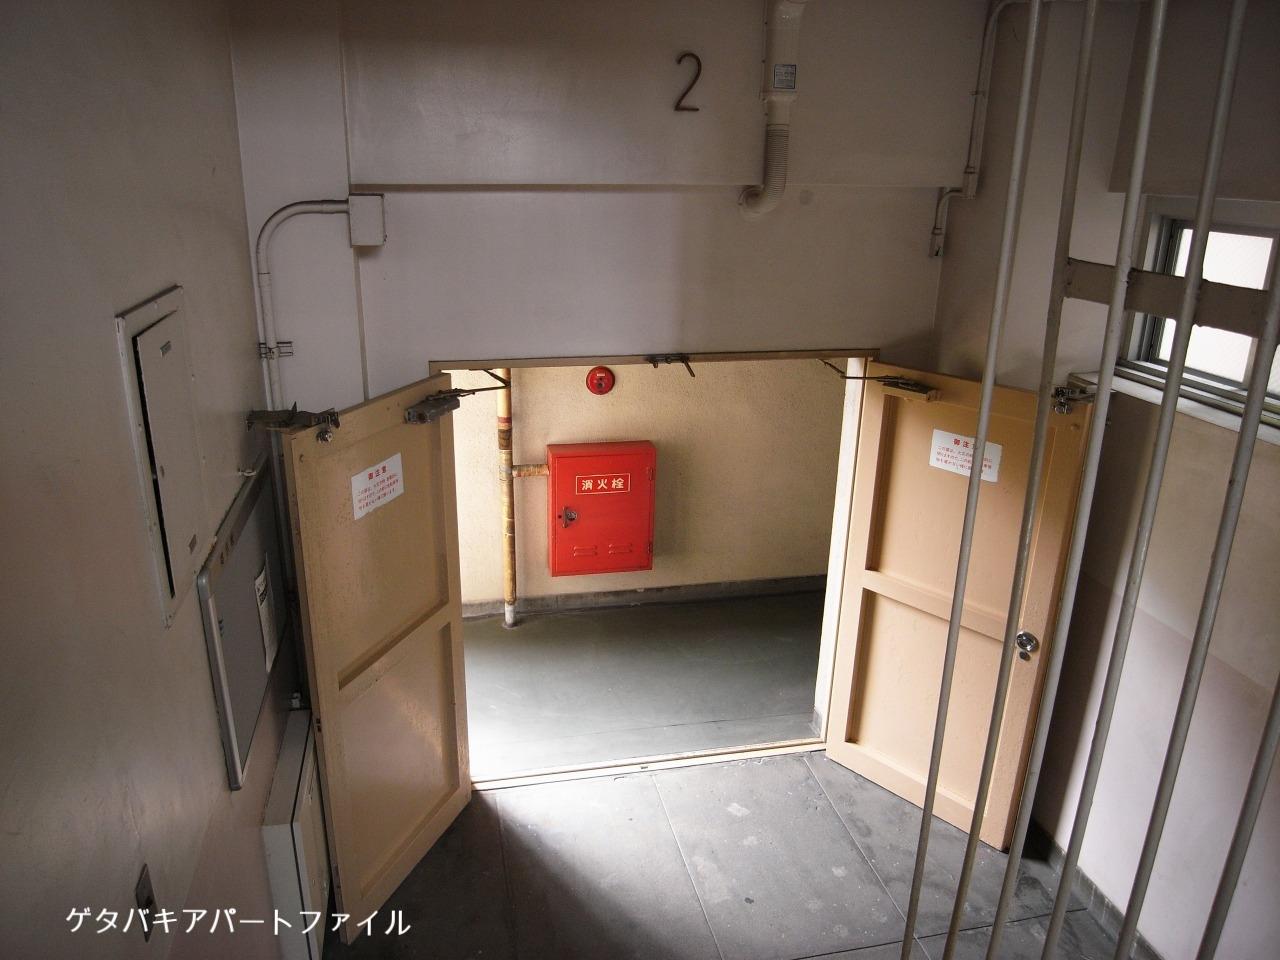 階段室の非常扉